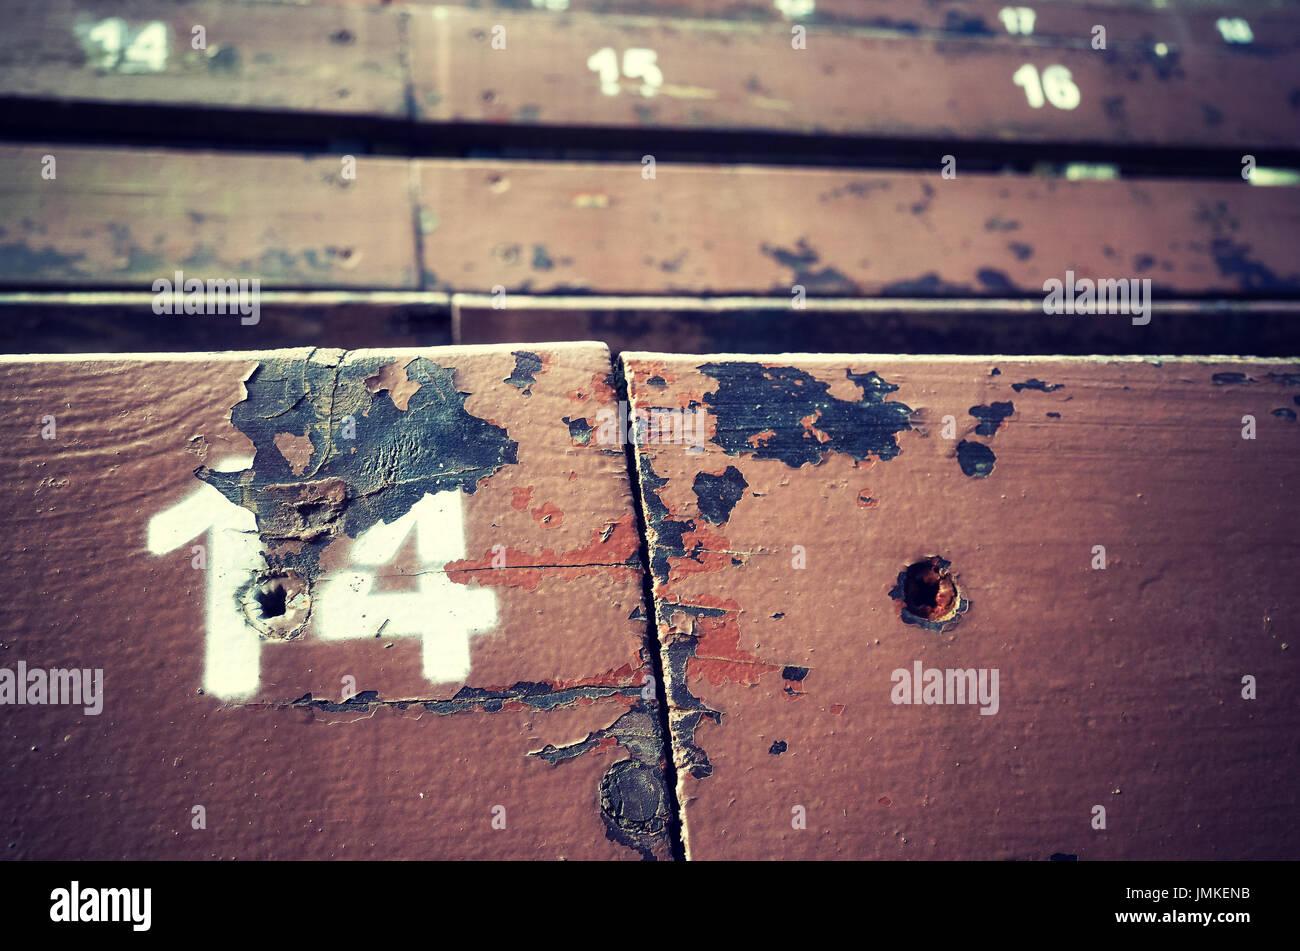 Número catorce pintado sobre un viejo asiento de madera, imagen conceptual con copia espacio en la derecha. Imagen De Stock